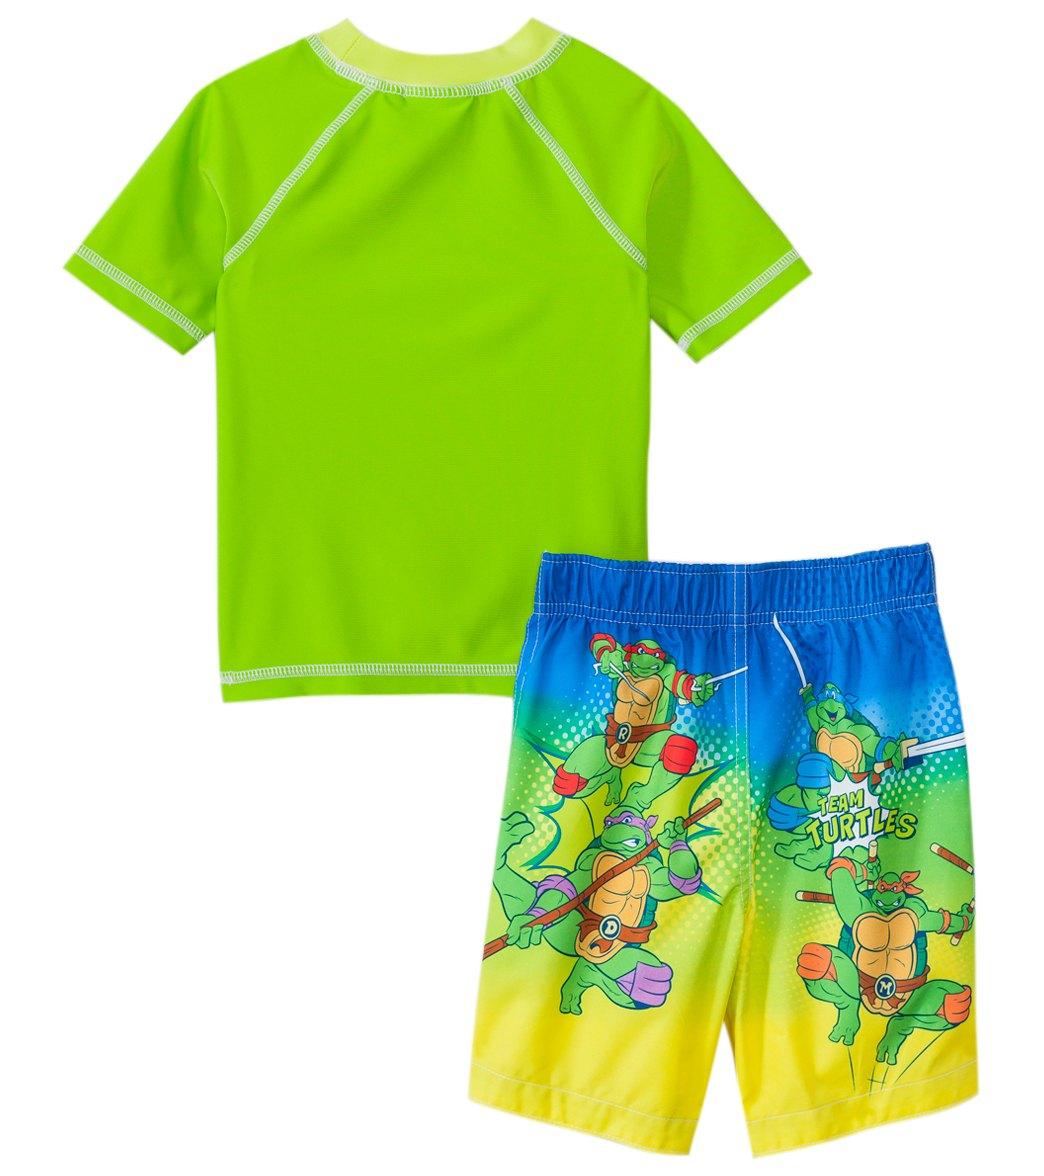 7d05754532 Nickelodeon Boys' Teenage Mutant Ninja Turtles Swim Trunks & Rashguard Set  ...